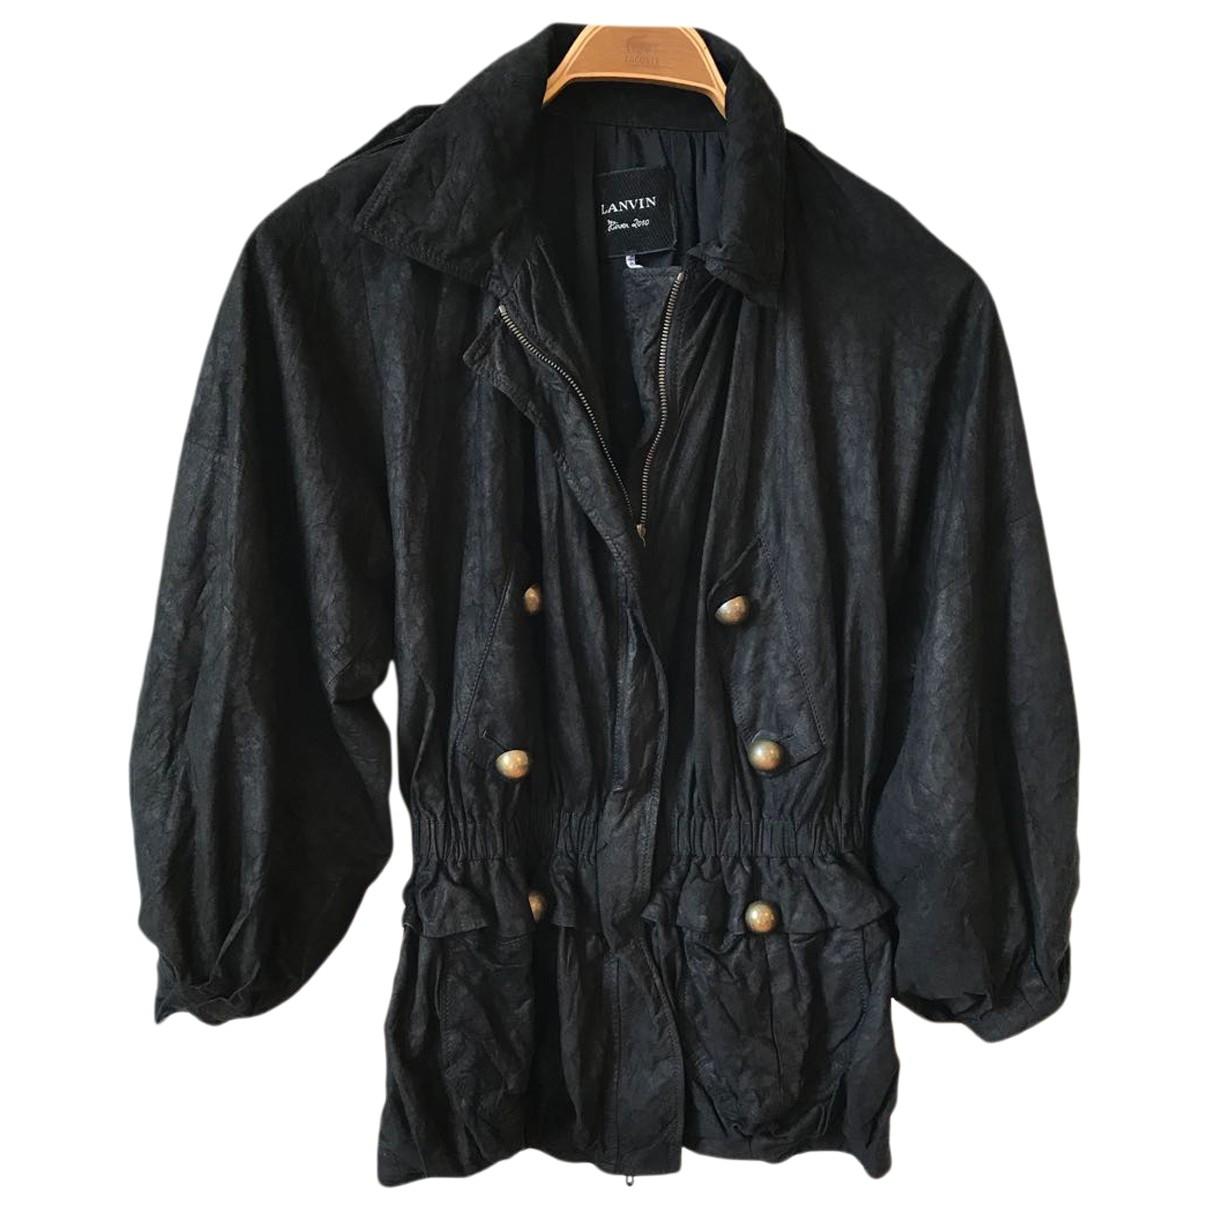 Lanvin \N Black Suede jacket for Women 38 FR